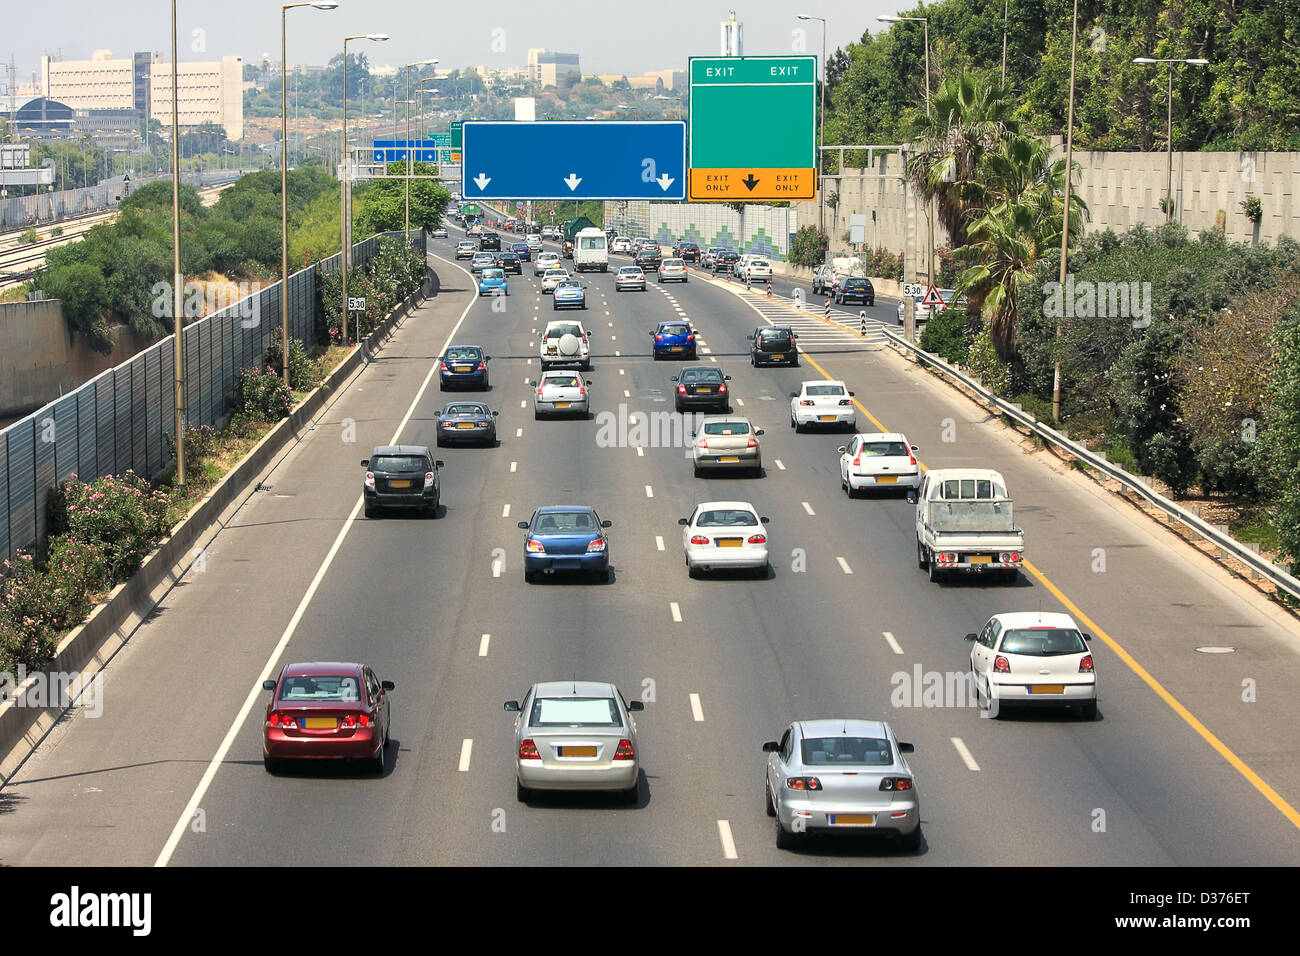 Il flusso di traffico su autostrada durante le ore di punta a Tel Aviv, Israele. Immagini Stock